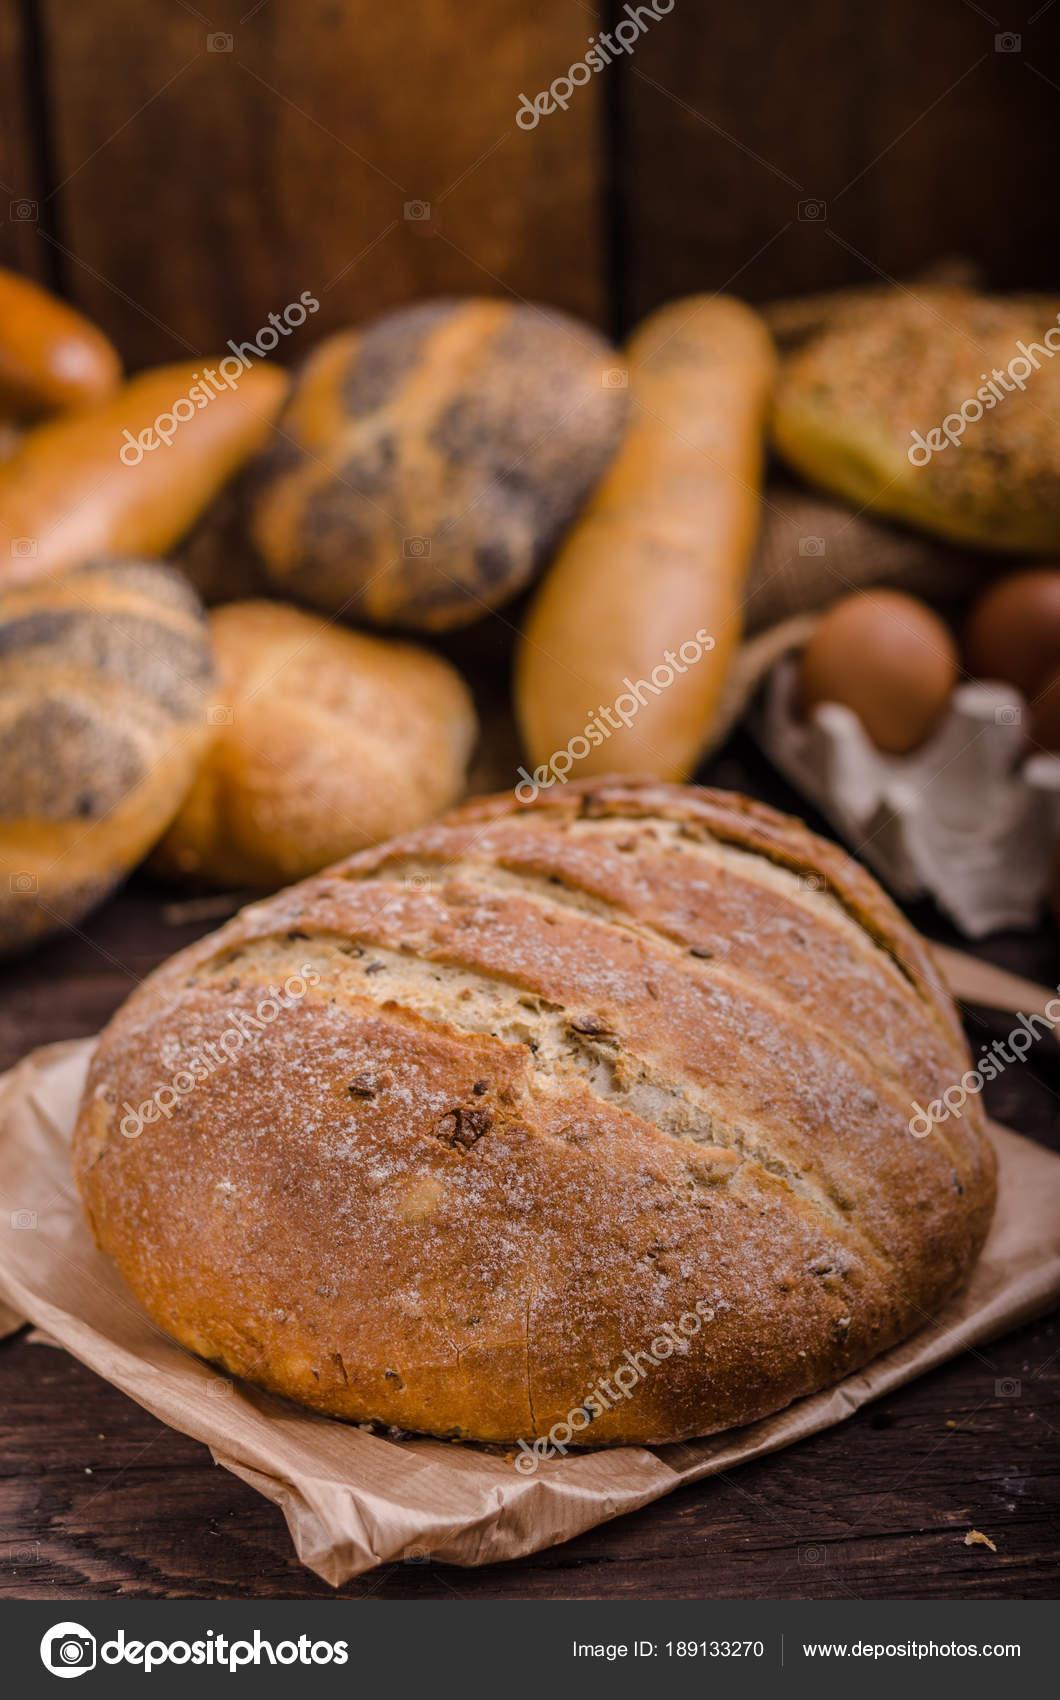 Σπιτικό ψωμί 7eb7c7ca687